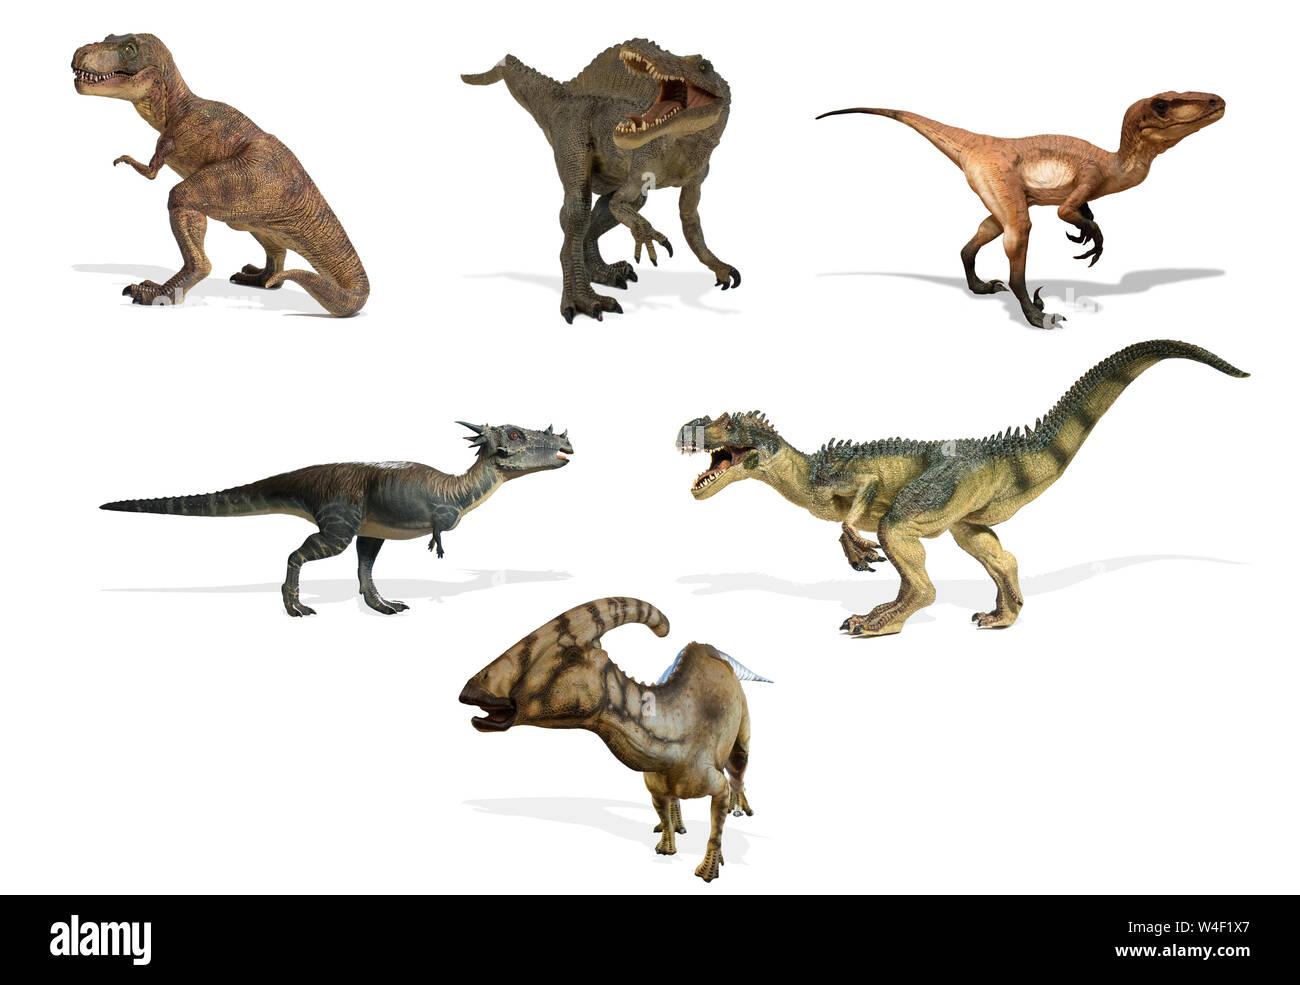 Diferentes Tipos De Dinosaurios Aislado Sobre Fondo Blanco Dinosaurios Herbivoros Y Carnivoros Fotografia De Stock Alamy Sauroposeidón protheles(lagarto dios de los terremotos). alamy